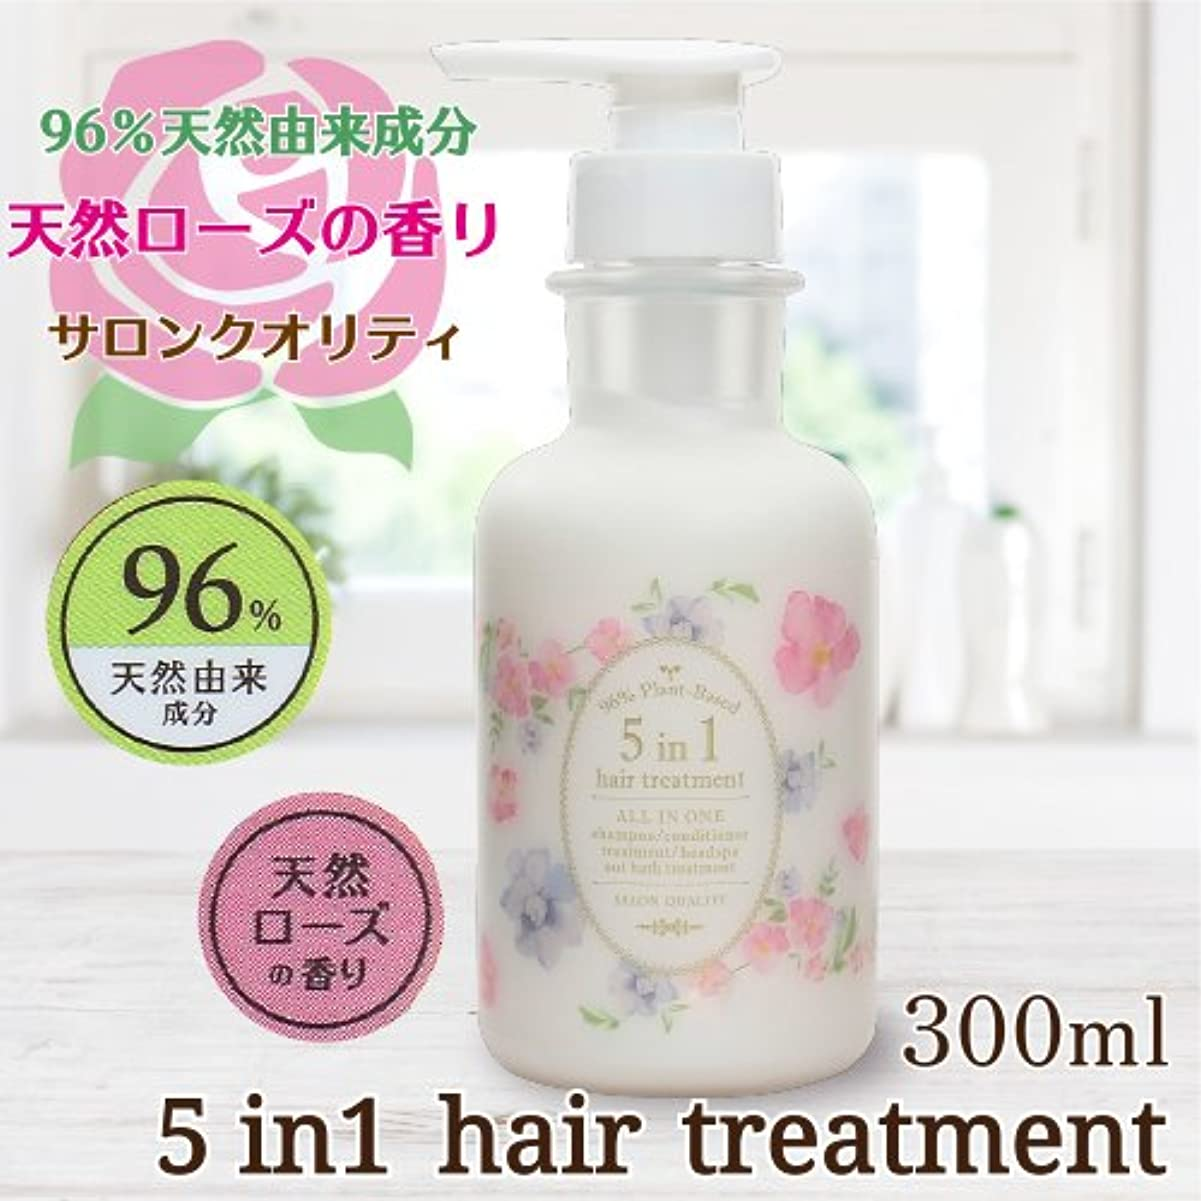 ラインナップ信号ヘルパー5in1 hair treatment